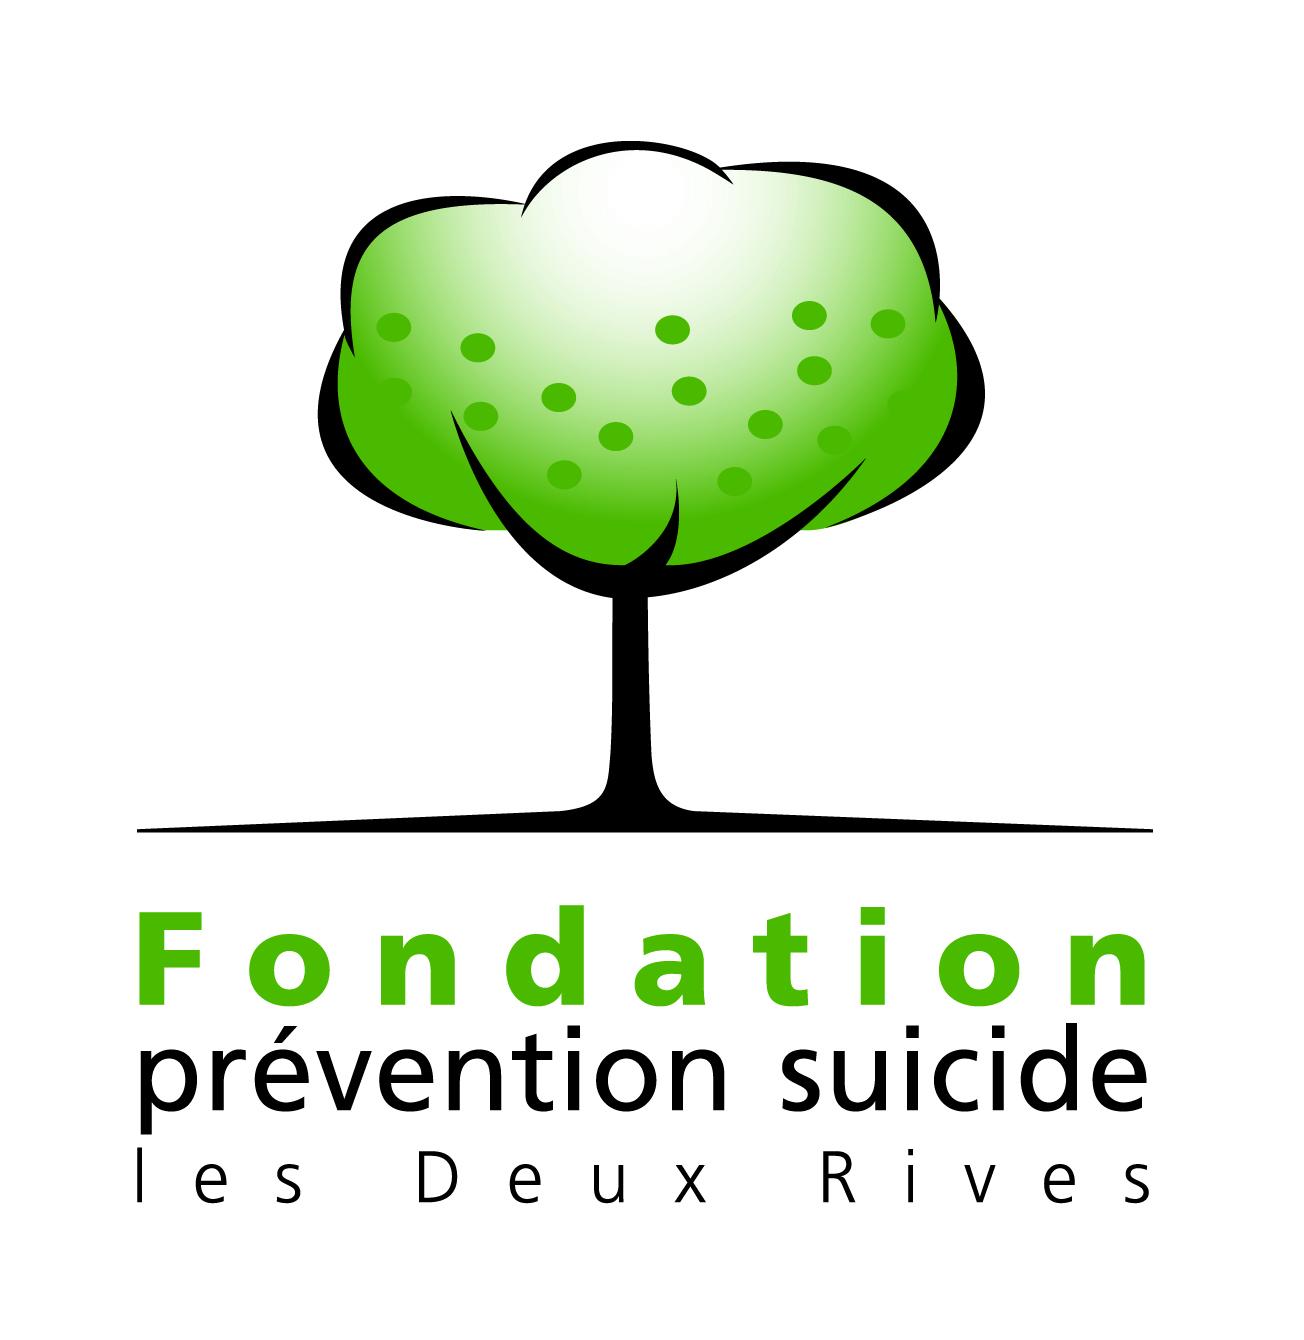 Fondation prévention suicide les Deux Rives